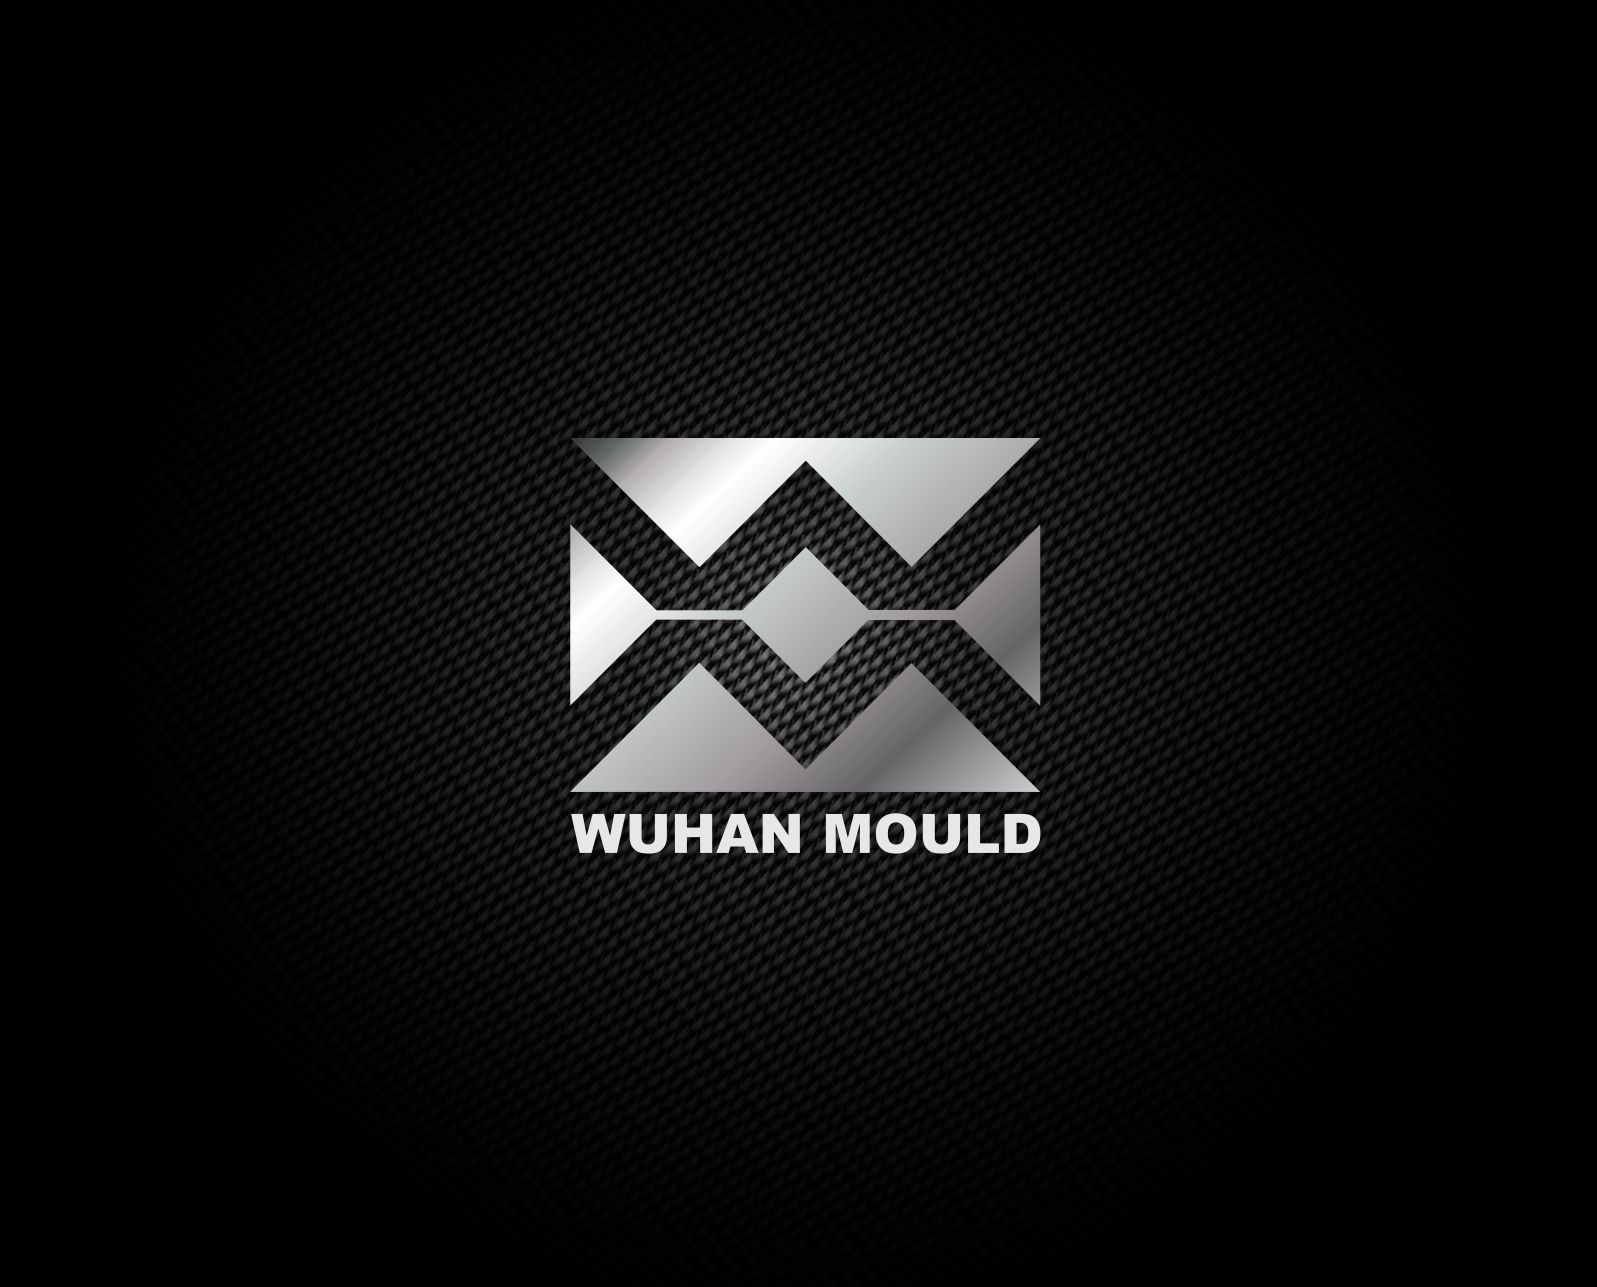 Создать логотип для фабрики пресс-форм фото f_714598e9e549cddf.jpg